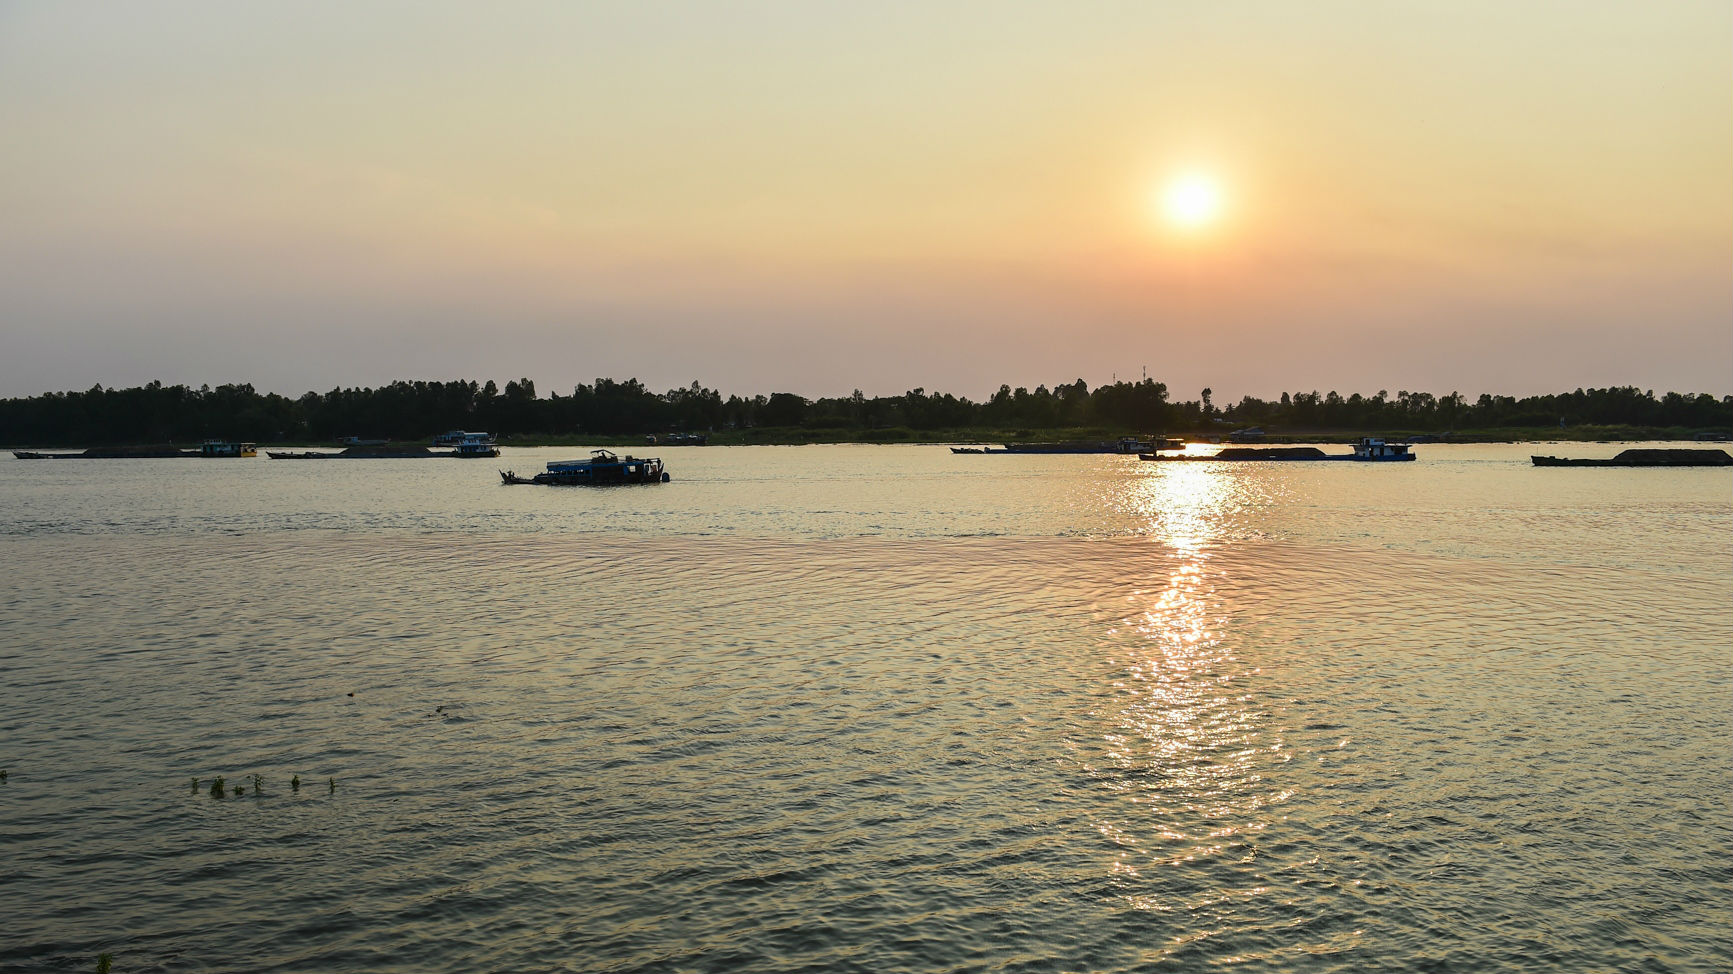 日媒:日本将提出新战略 推进湄公河国度底子办法设置装备摆设